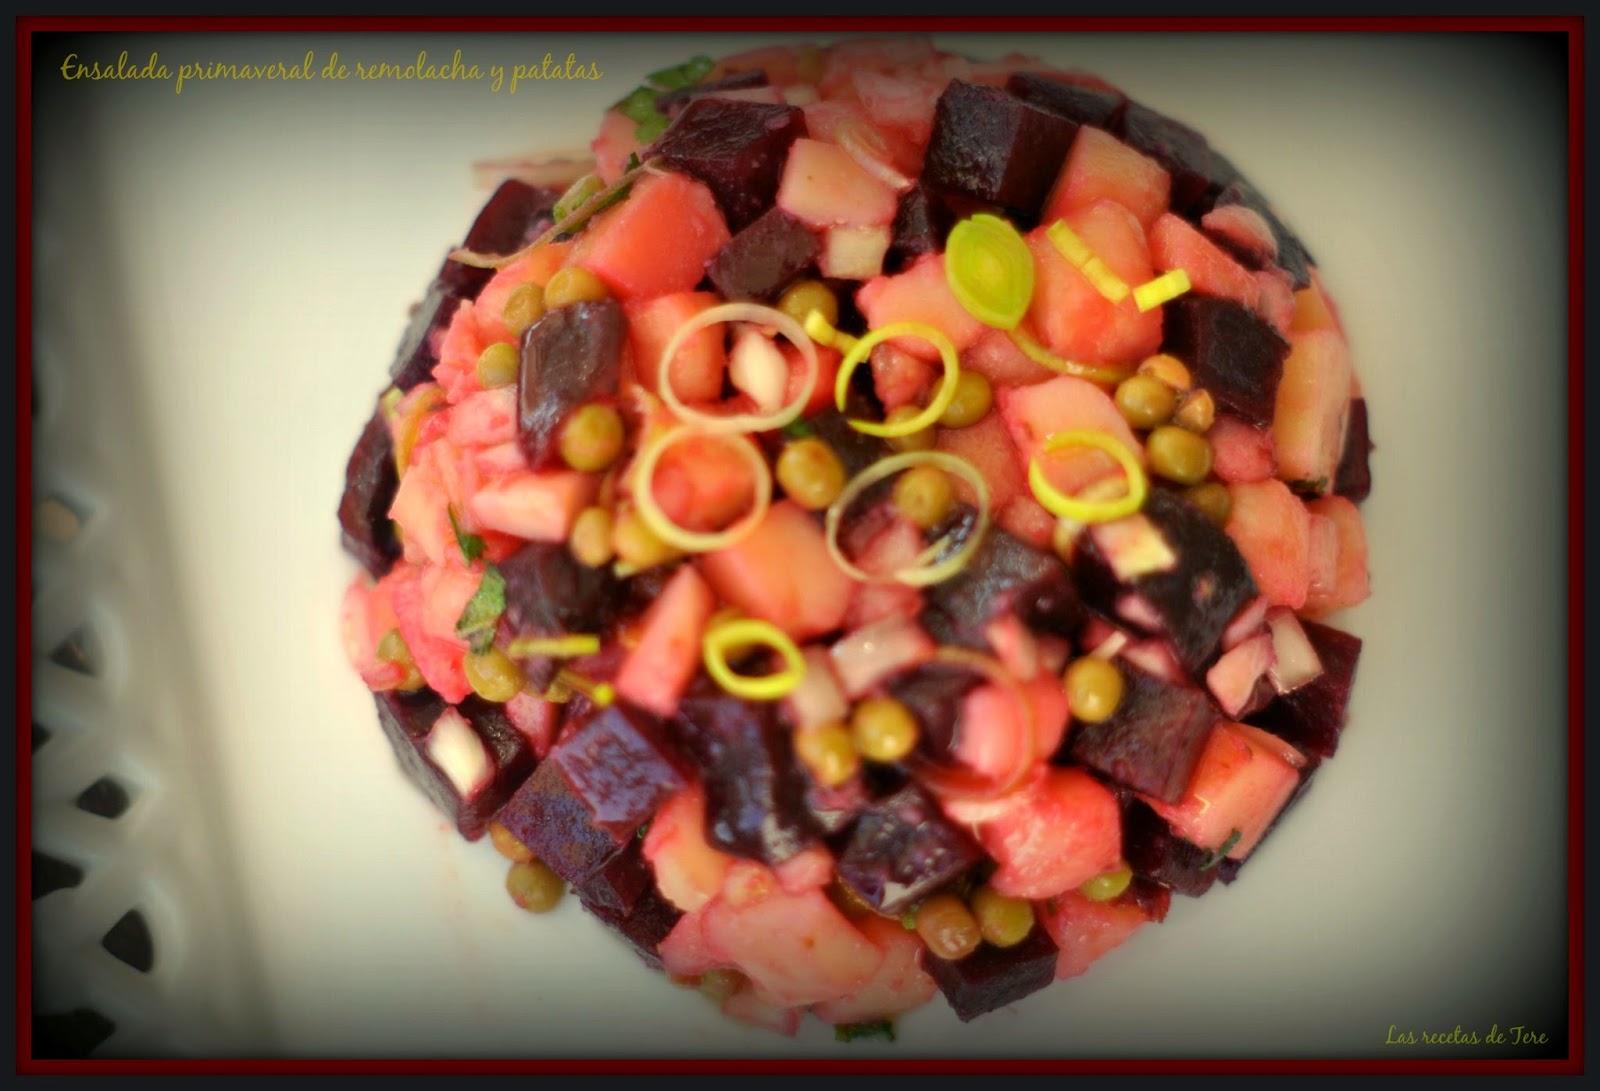 ensalada primaveral de remolacha y patatas 05